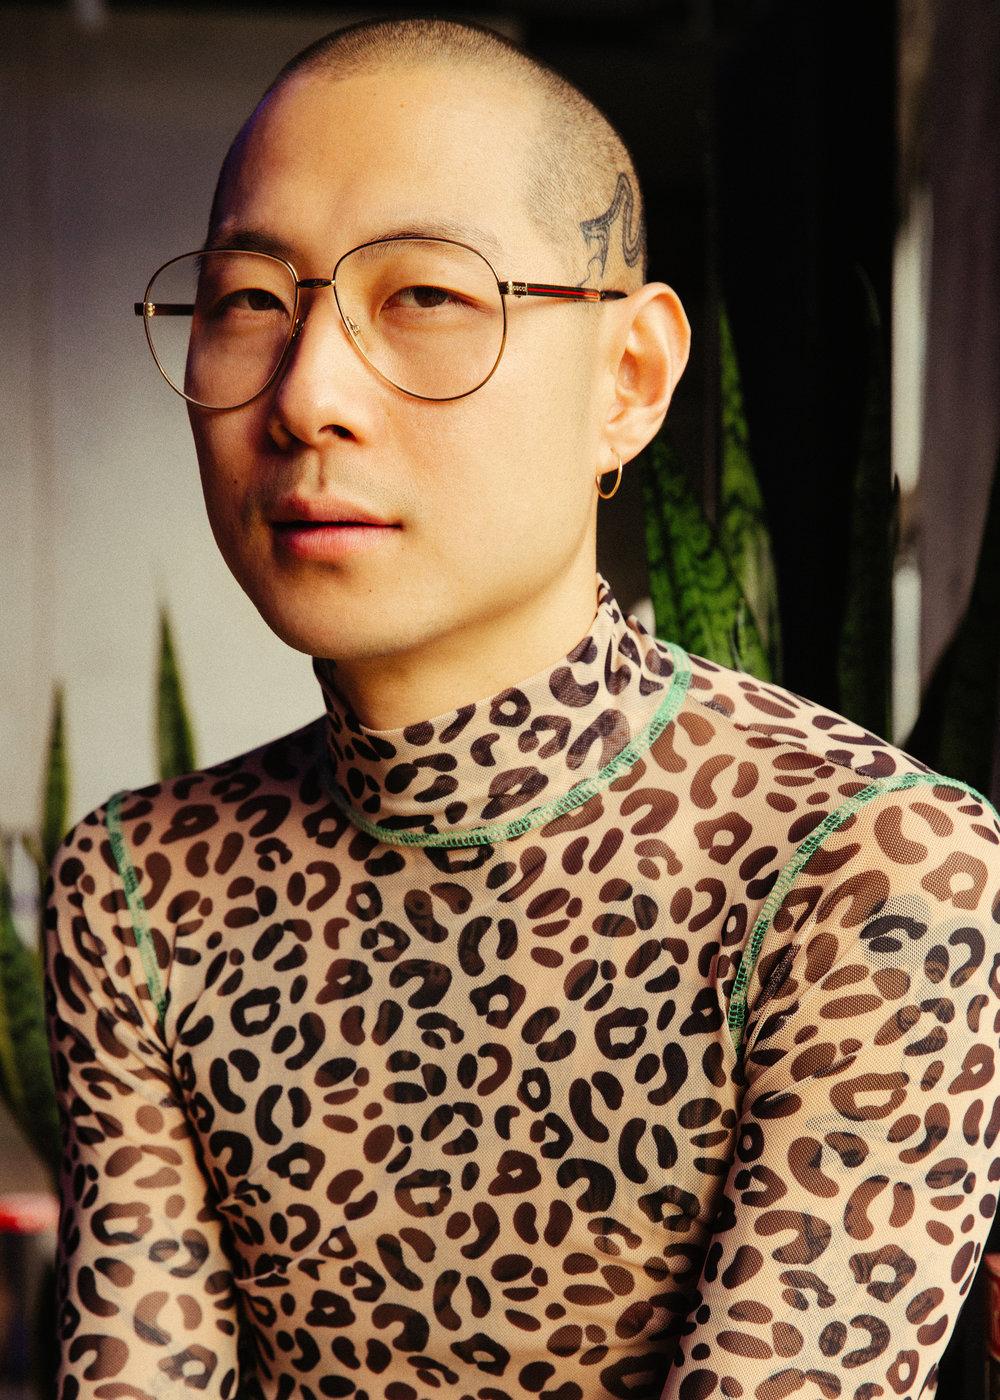 Danny wears top by Sandy Liang.